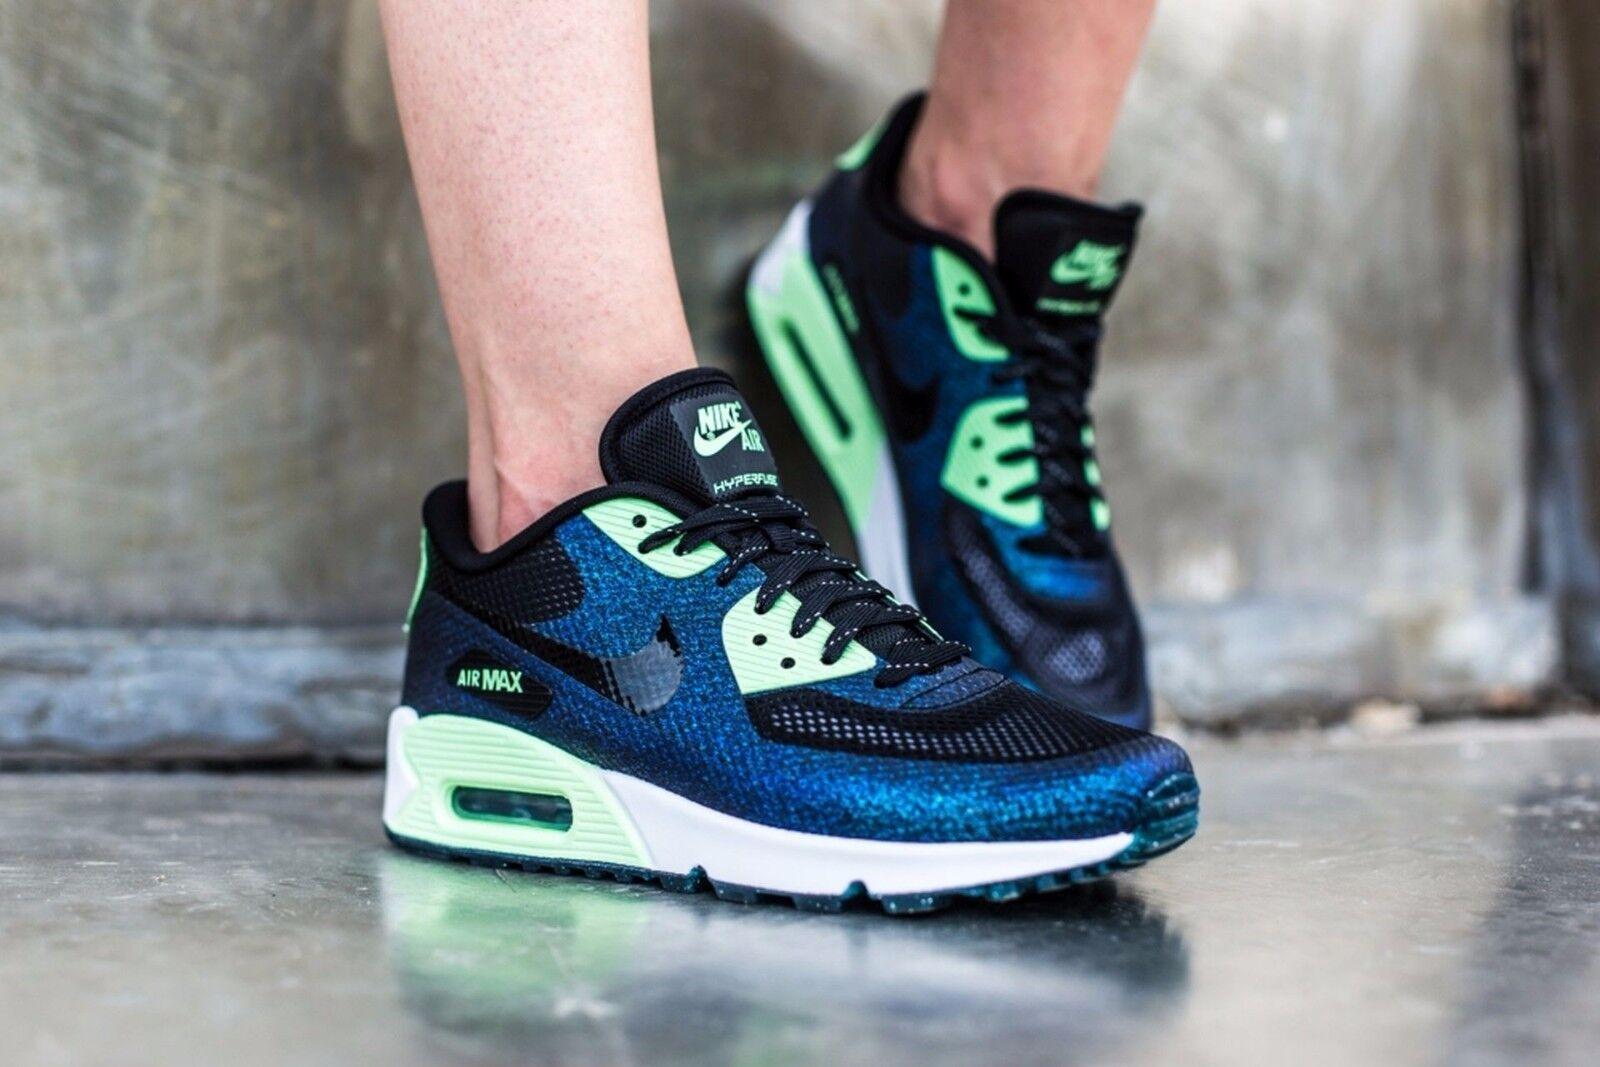 Nike air max 90 ipn wc qs wmn sz sz sz - coppa del mondo di vapore 811165-001 verde 1d774e